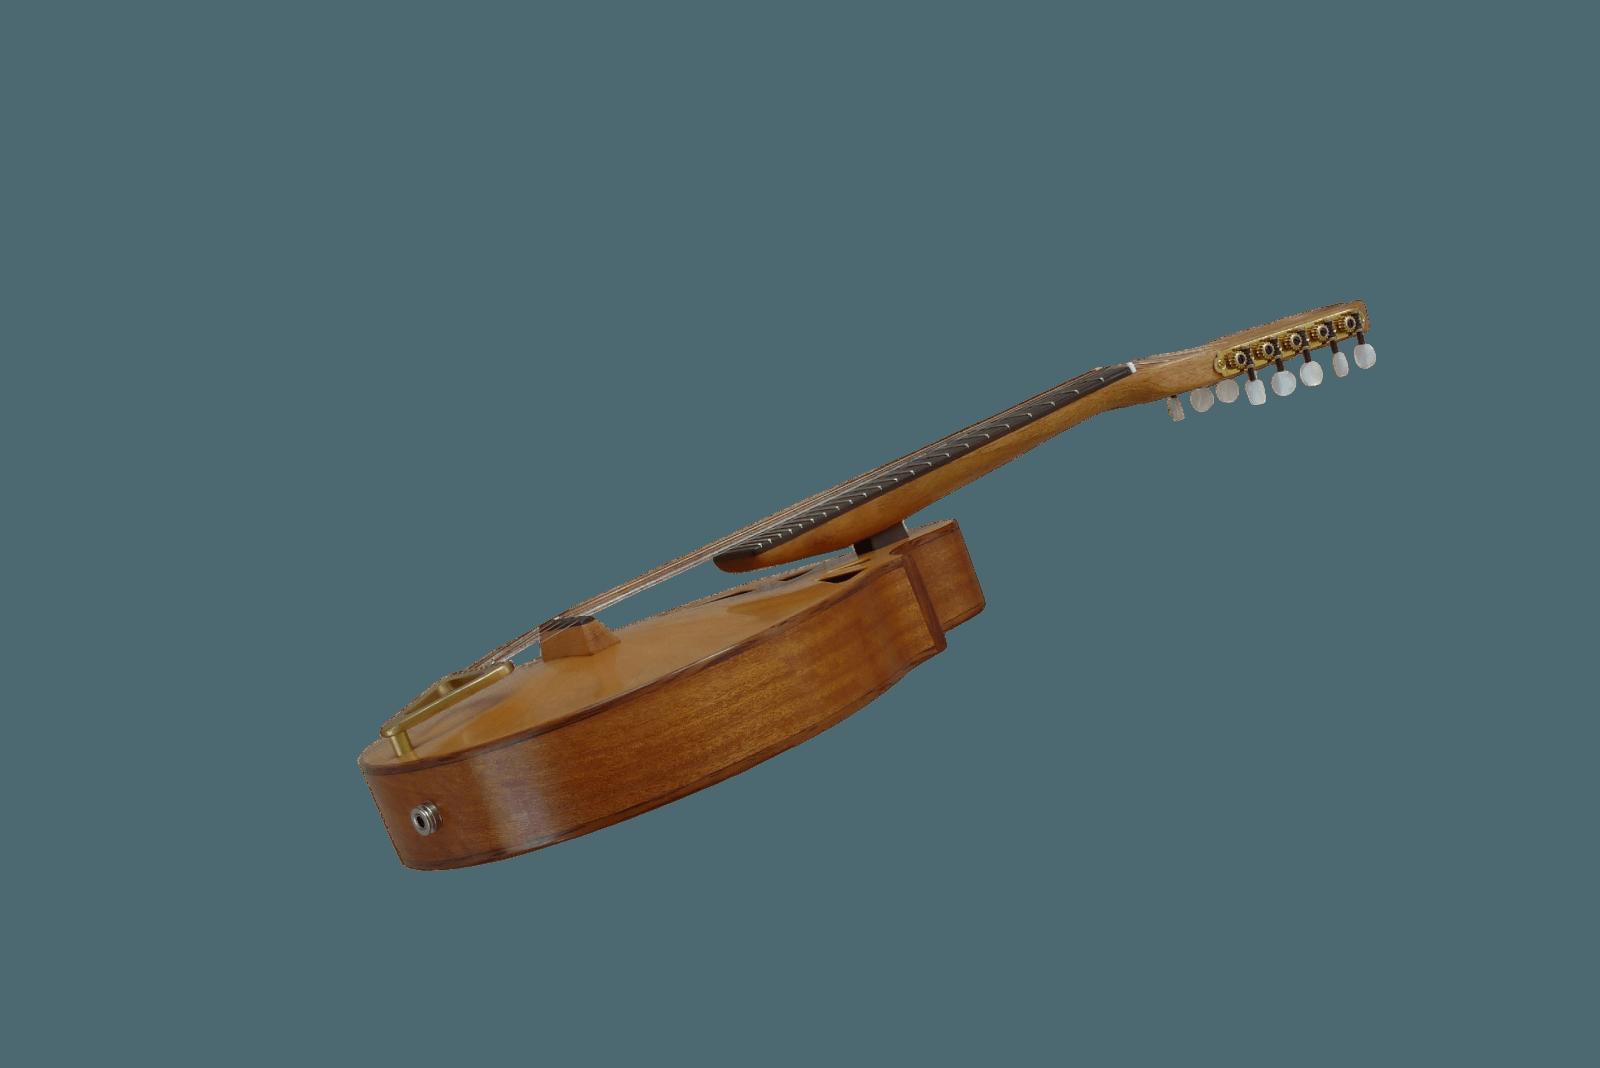 10-string mandolin